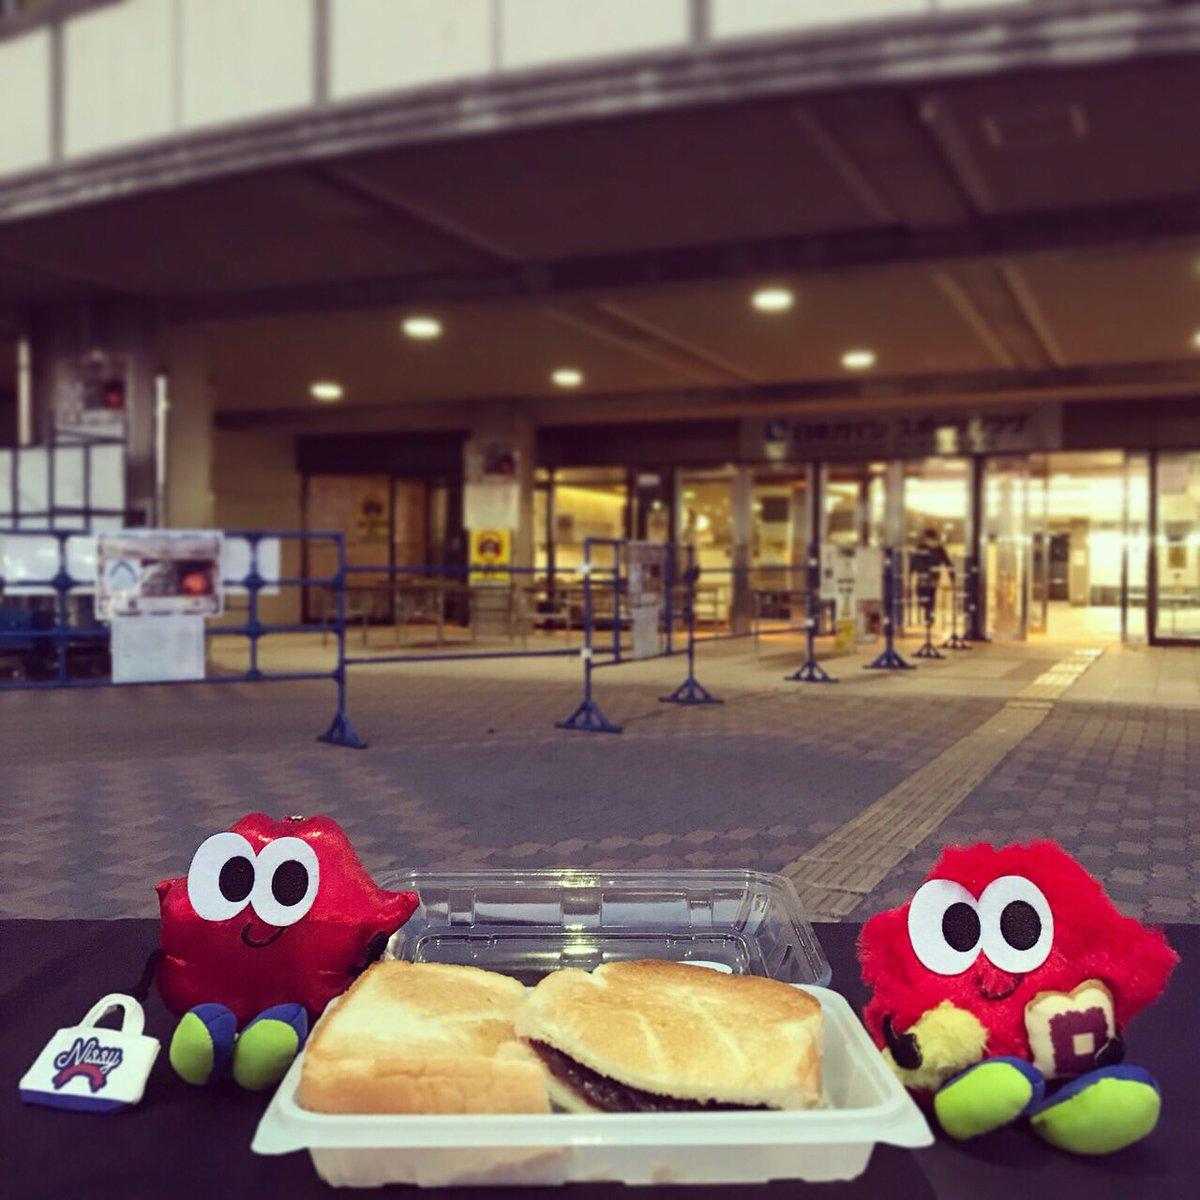 【#NissyEntertainment2ndLIVE】 #NissY #西島隆弘 #名古屋ついたがや #Lippyは会場で準備しながら #小倉トーストをもぐもぐ #でらうま #この後天むすも食べるかね